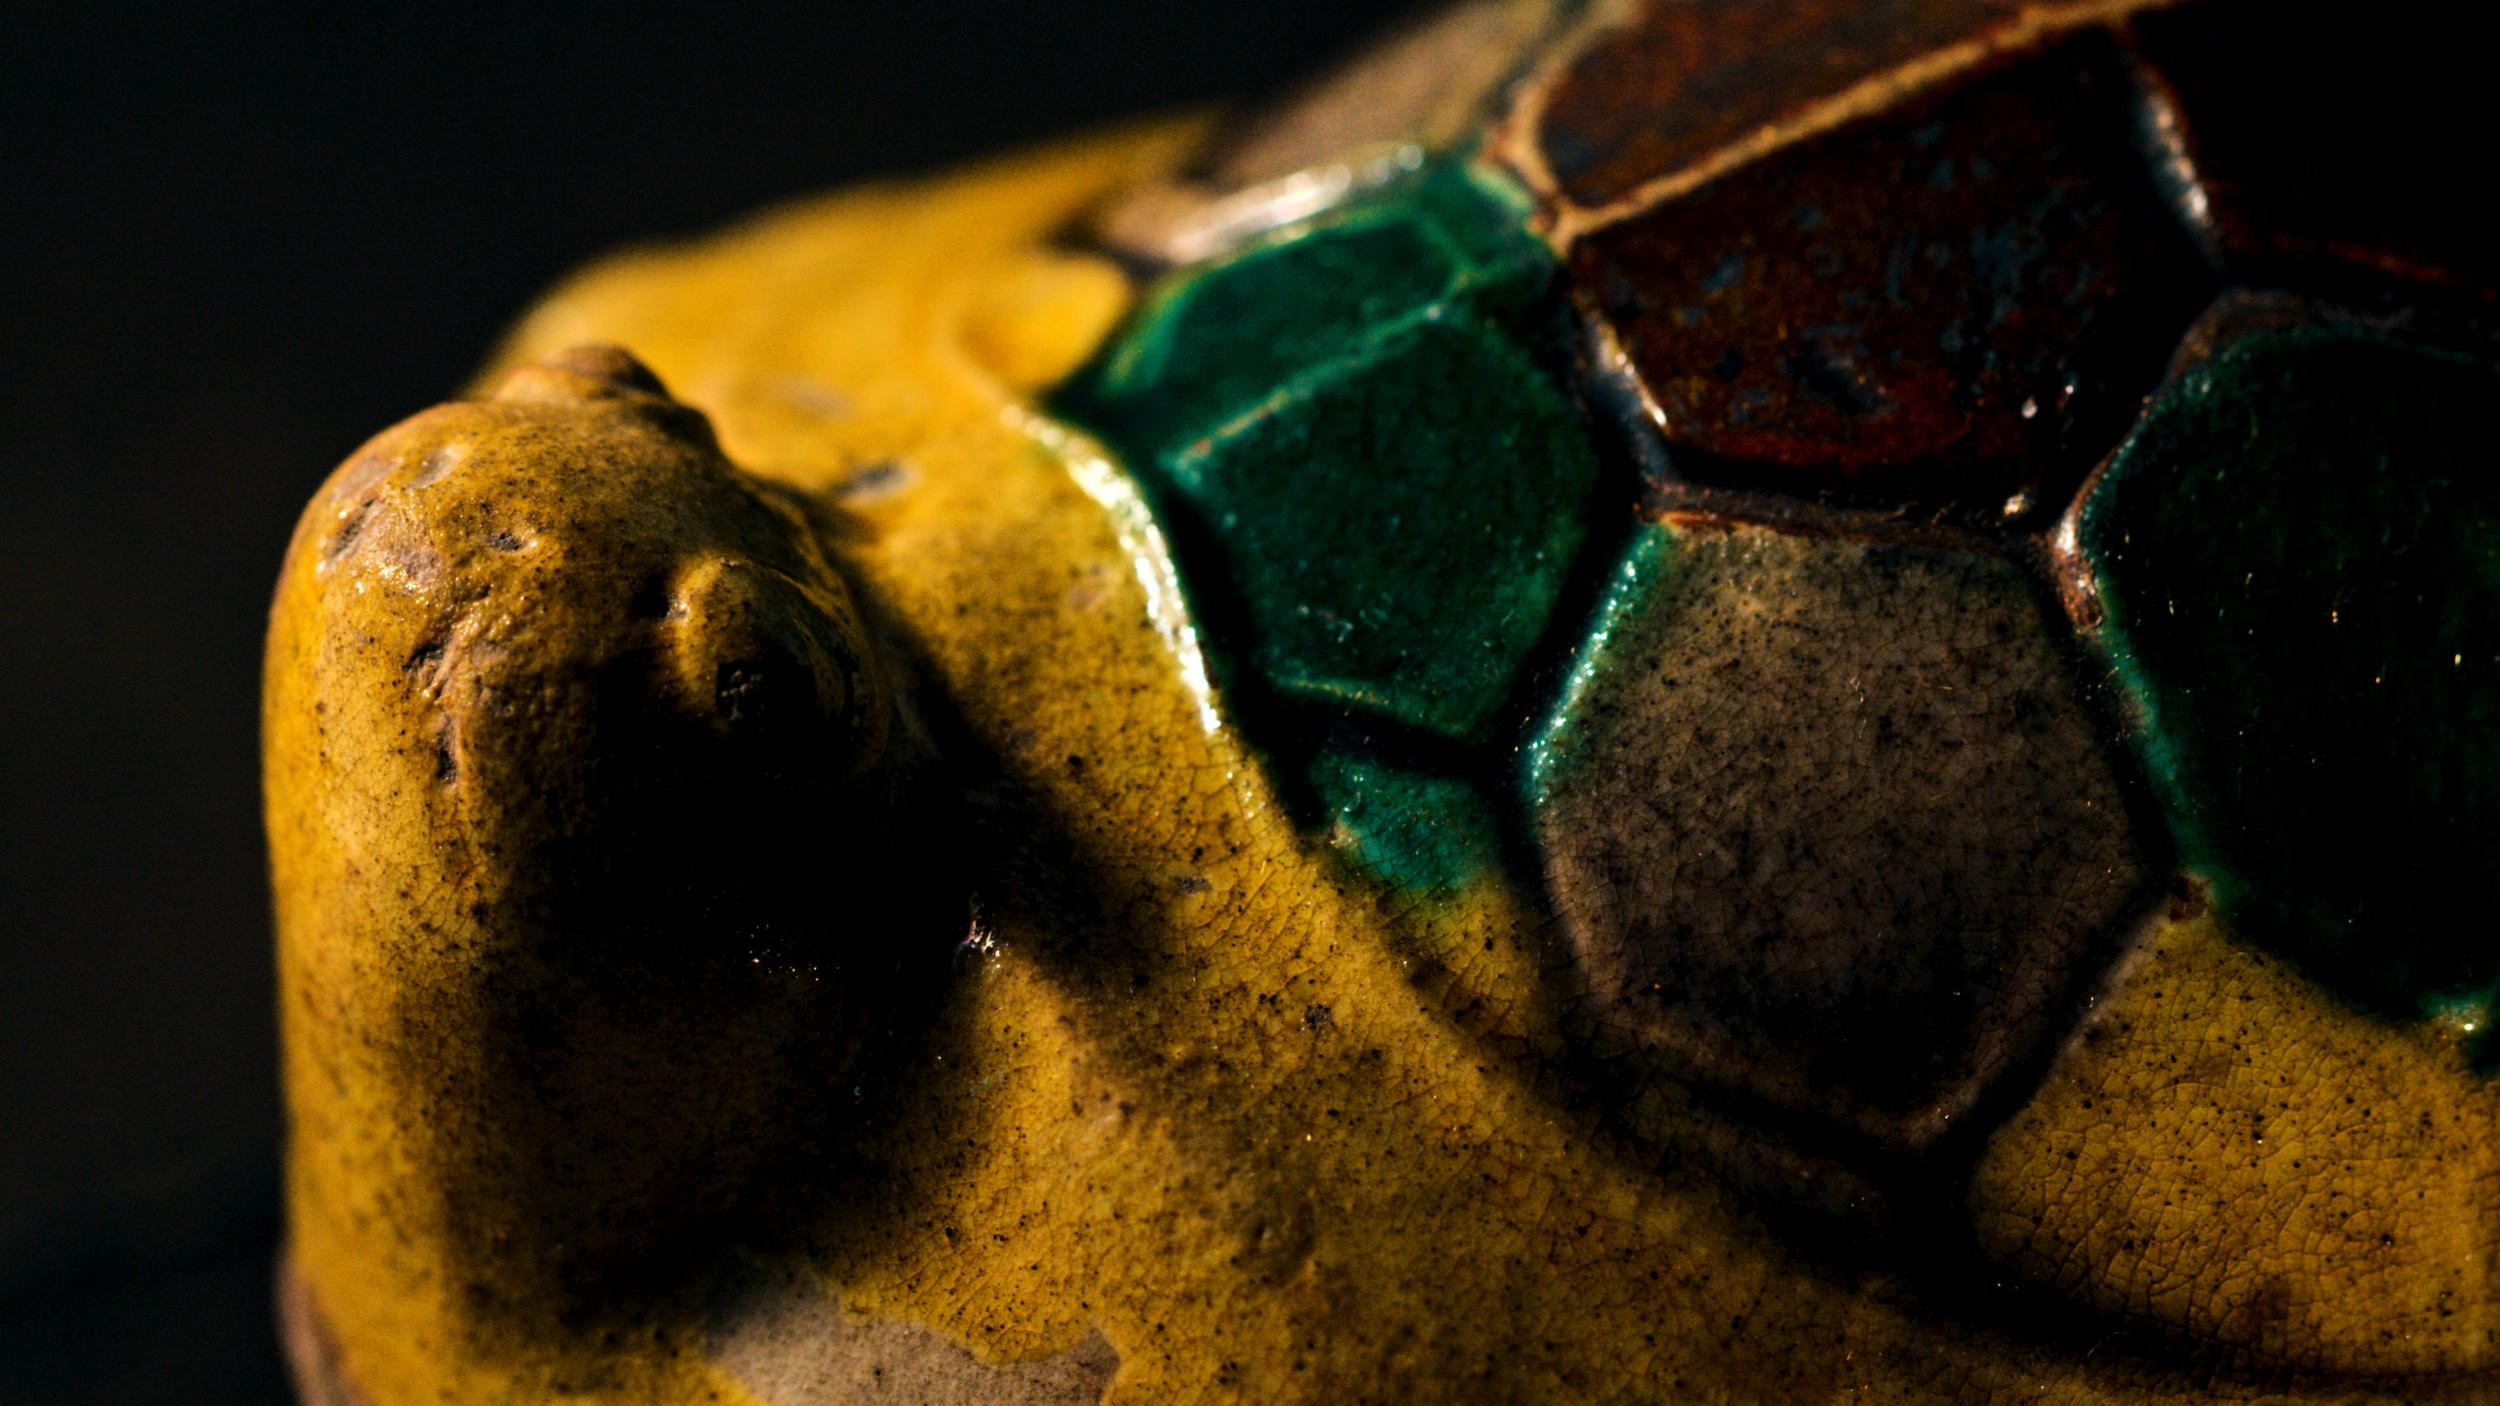 重要文化財 交趾大亀香合 Important Cultural Property Incense Container (KōGō), Cochin ware with turtle-shaped lid